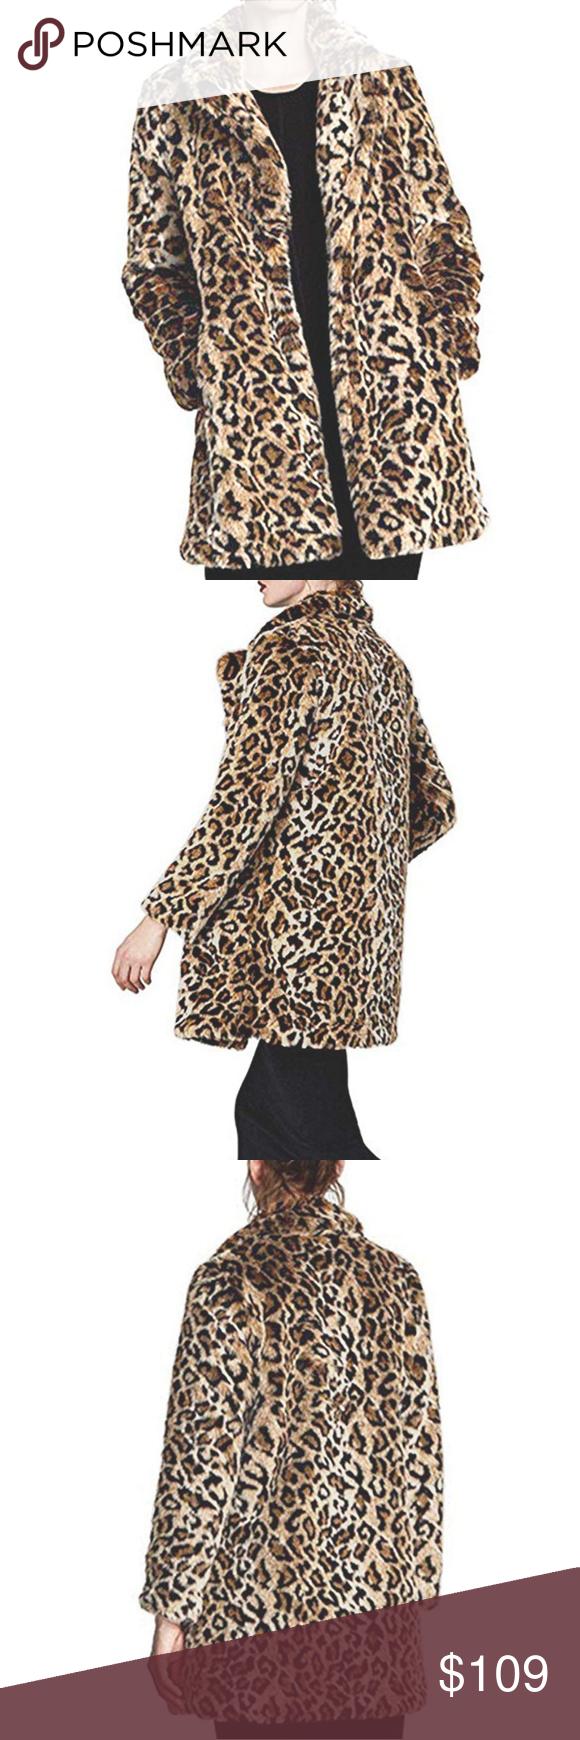 959a297360c5 Women's Long Sleeve Parka Faux Fur Coat PLEASE REFER TO SIZE CHART Women  Warm Long Sleeve Parka Faux Fur Coat Overcoat Fluffy Top Jacket Leopard  Jackets & ...